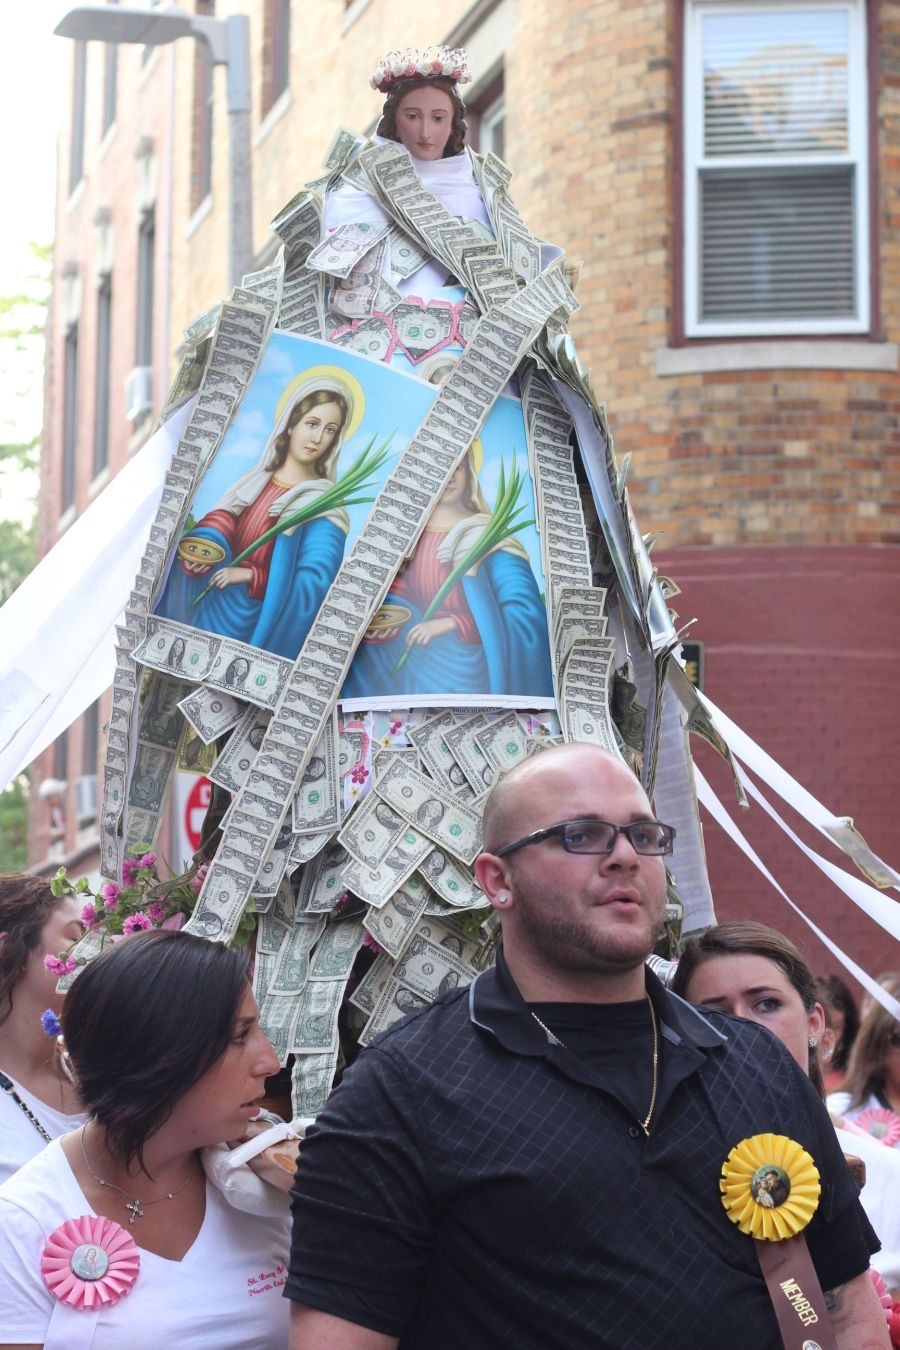 boston north end santa lucia festival august 31 5